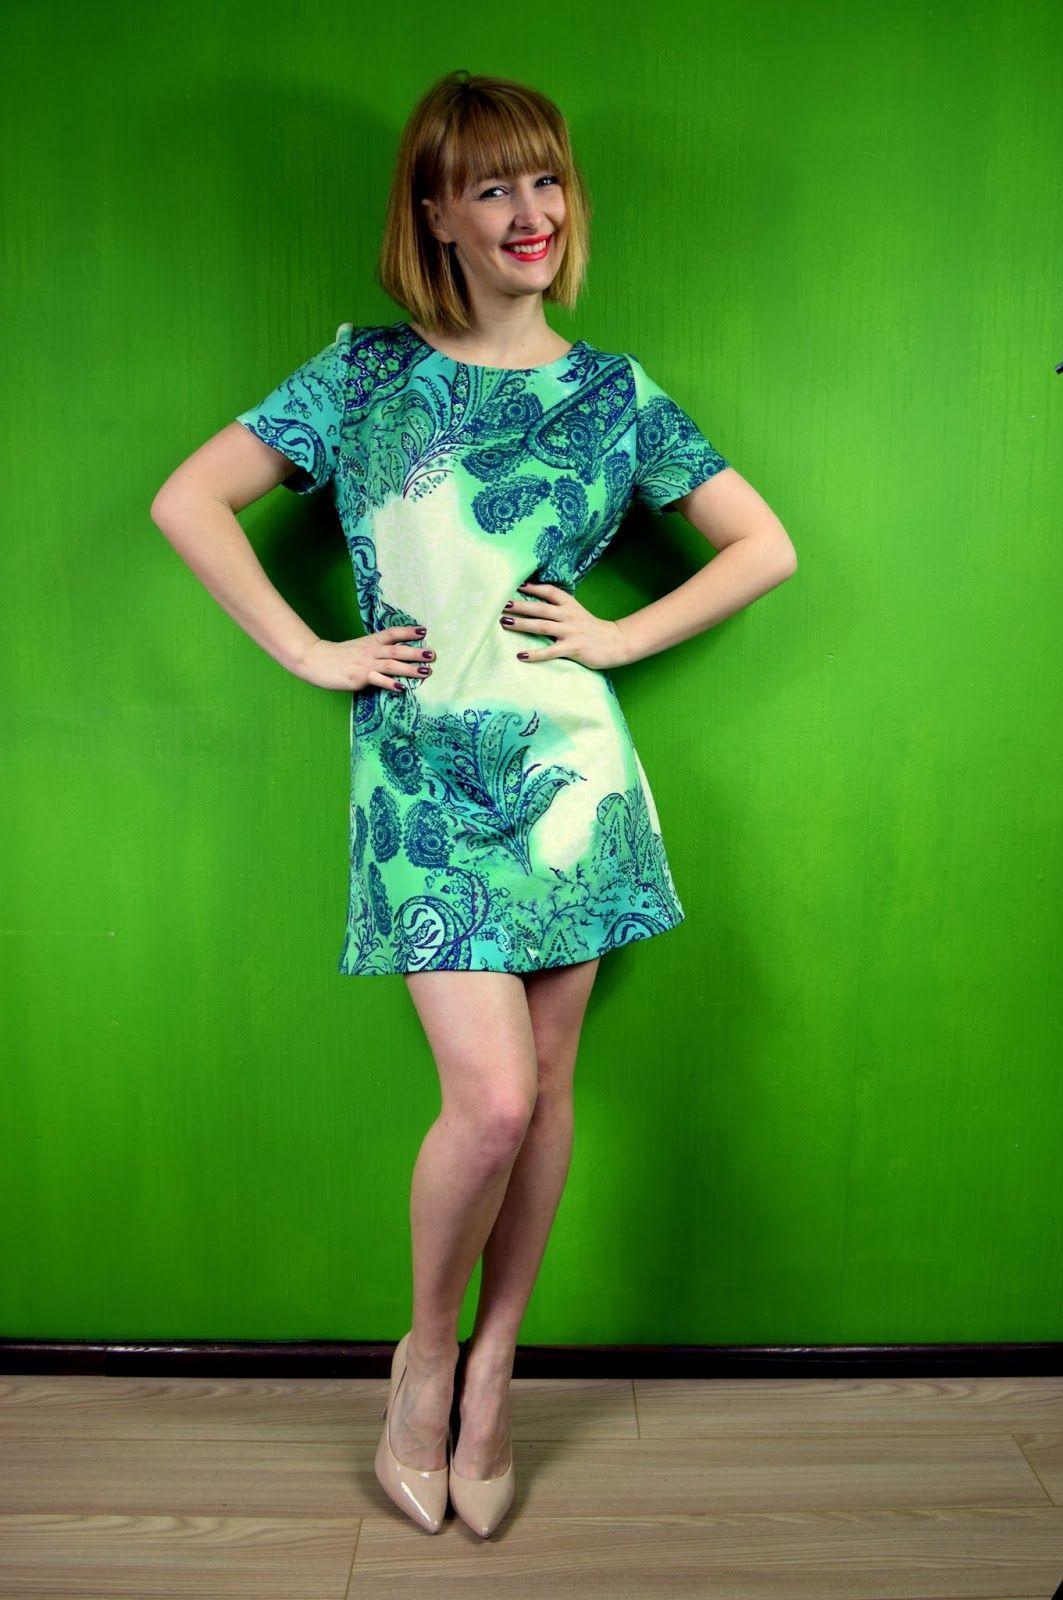 Moja Wzorzysta Noworoczna Sukienka Clothes Vintage Outfits Fashion